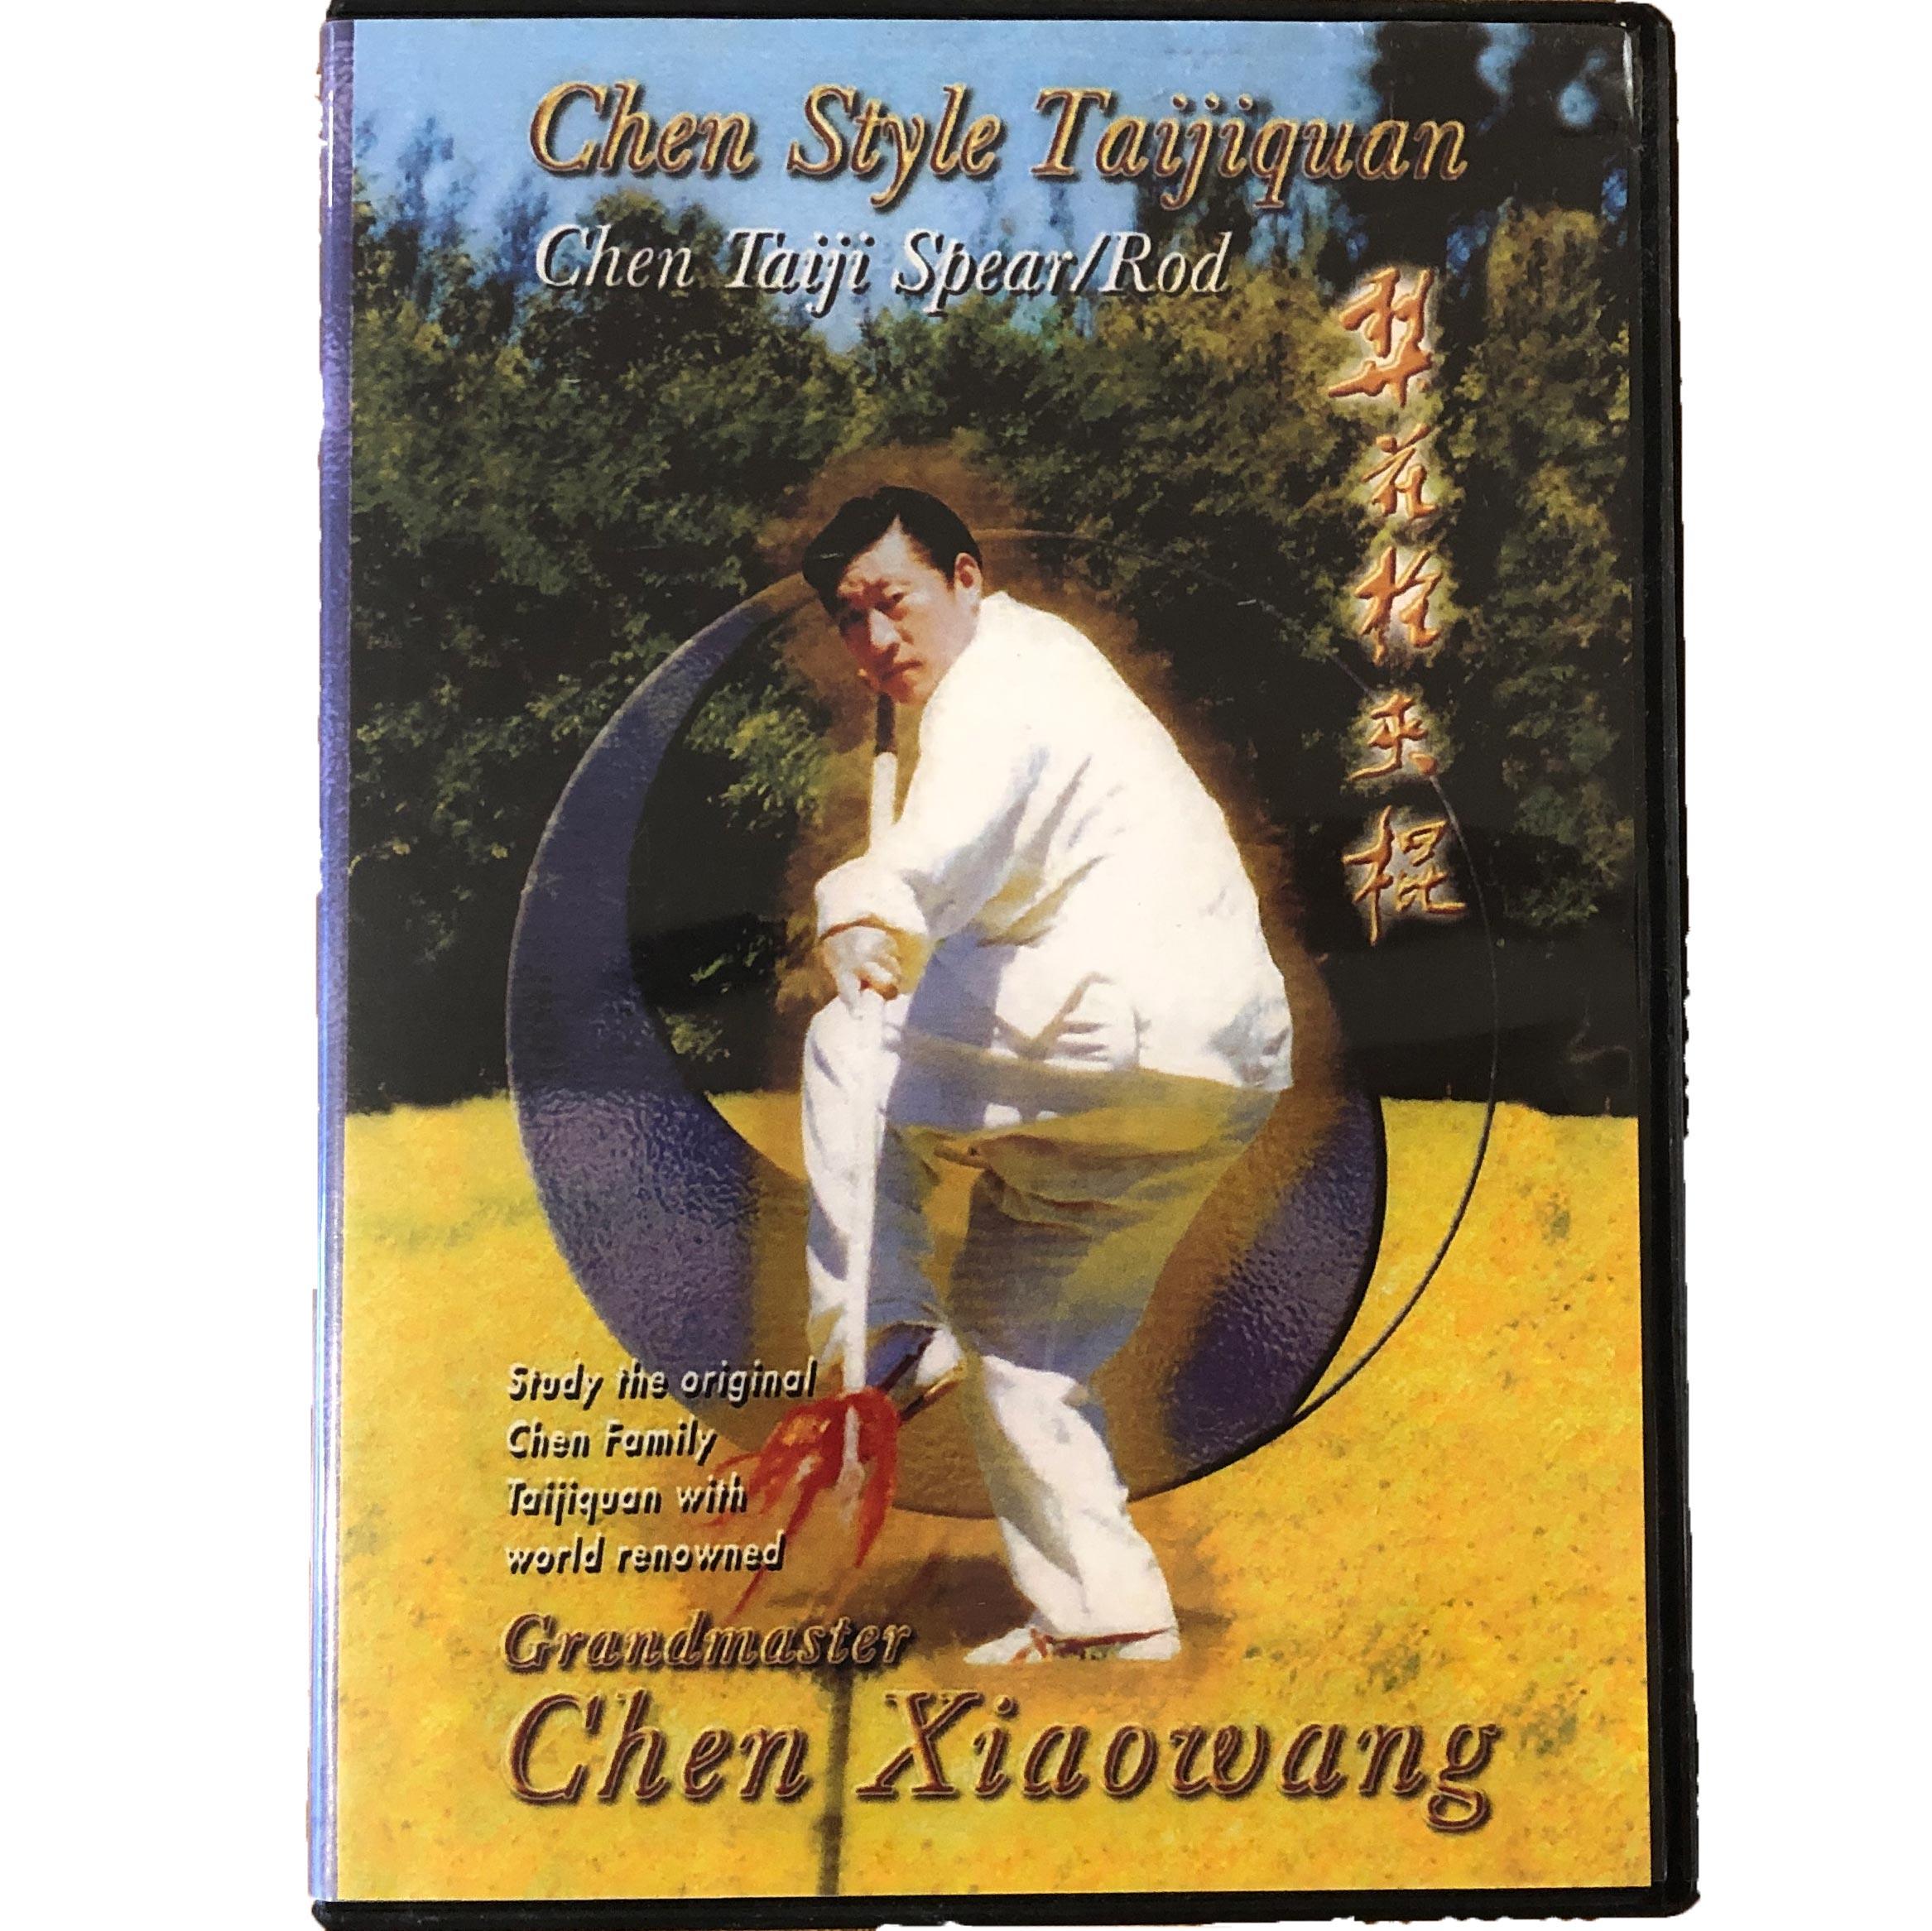 DVD de Lança de Chen Xiaowang